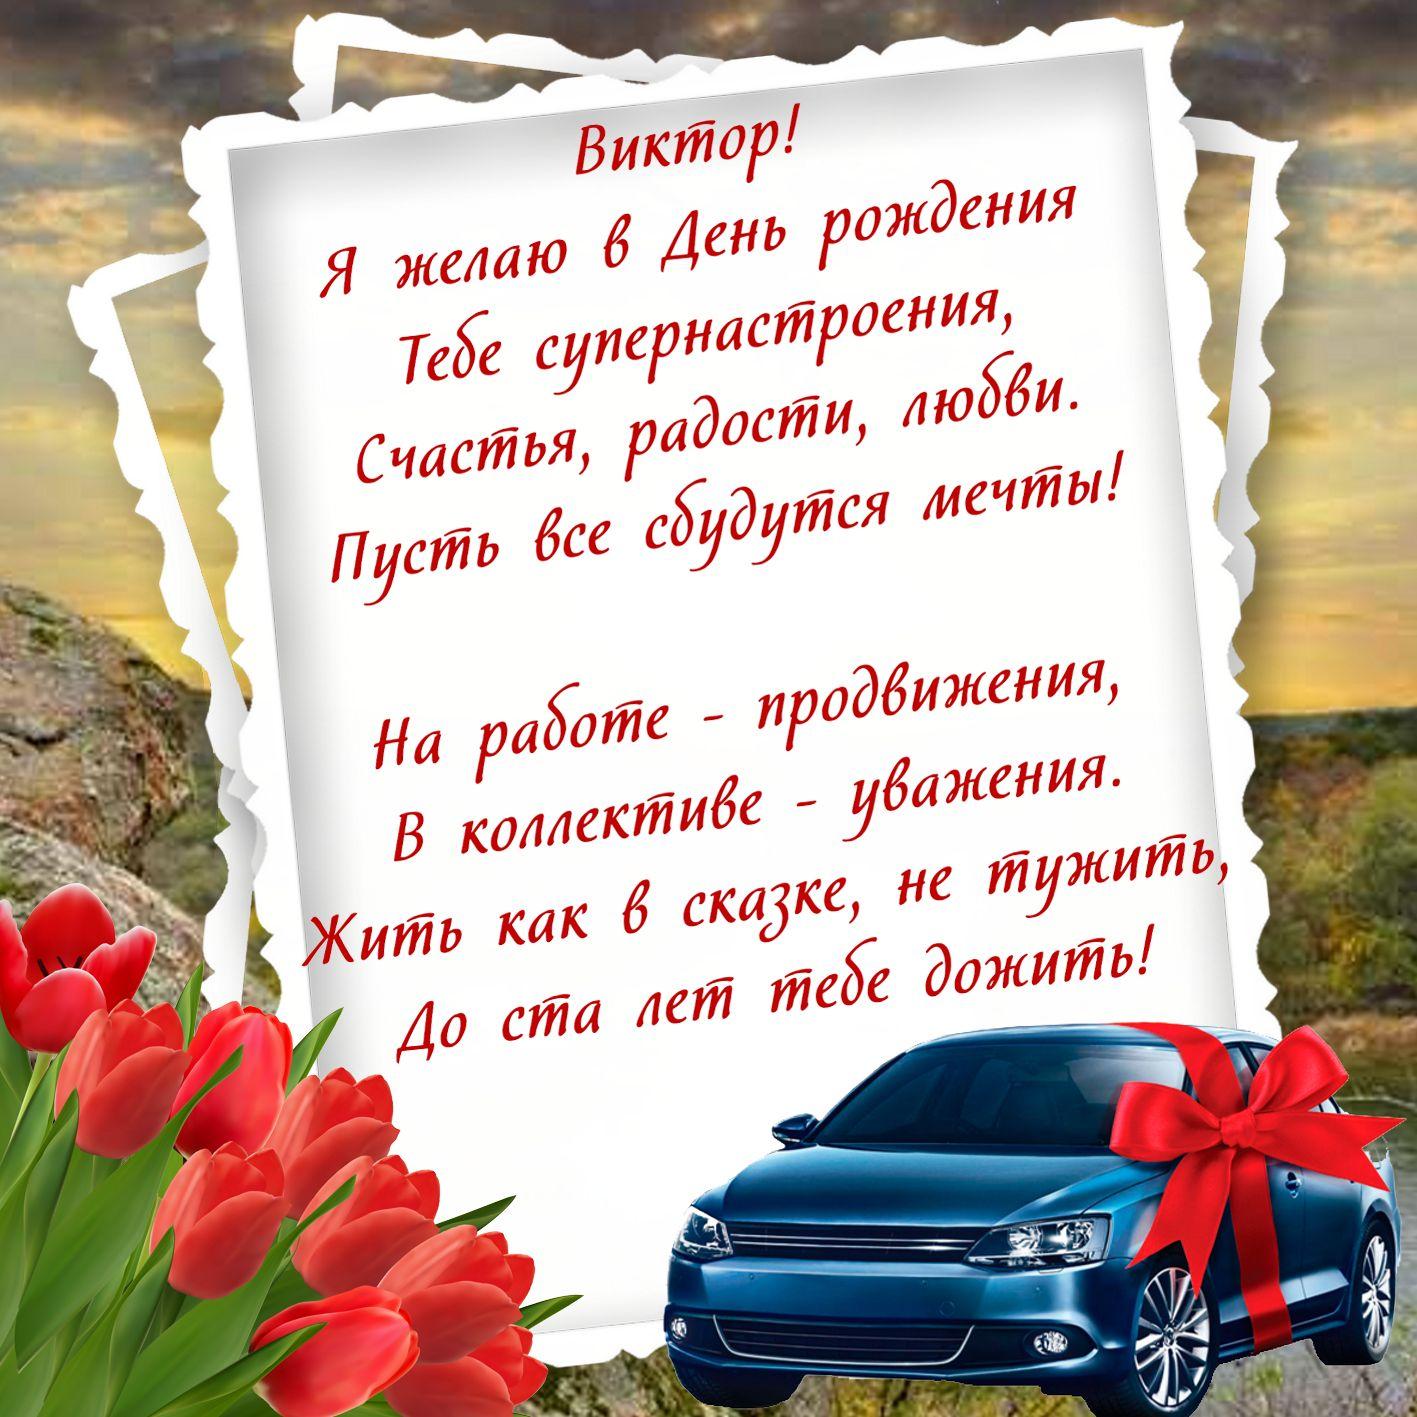 Открытка с пожеланием в стихах для Виктора на День рождения